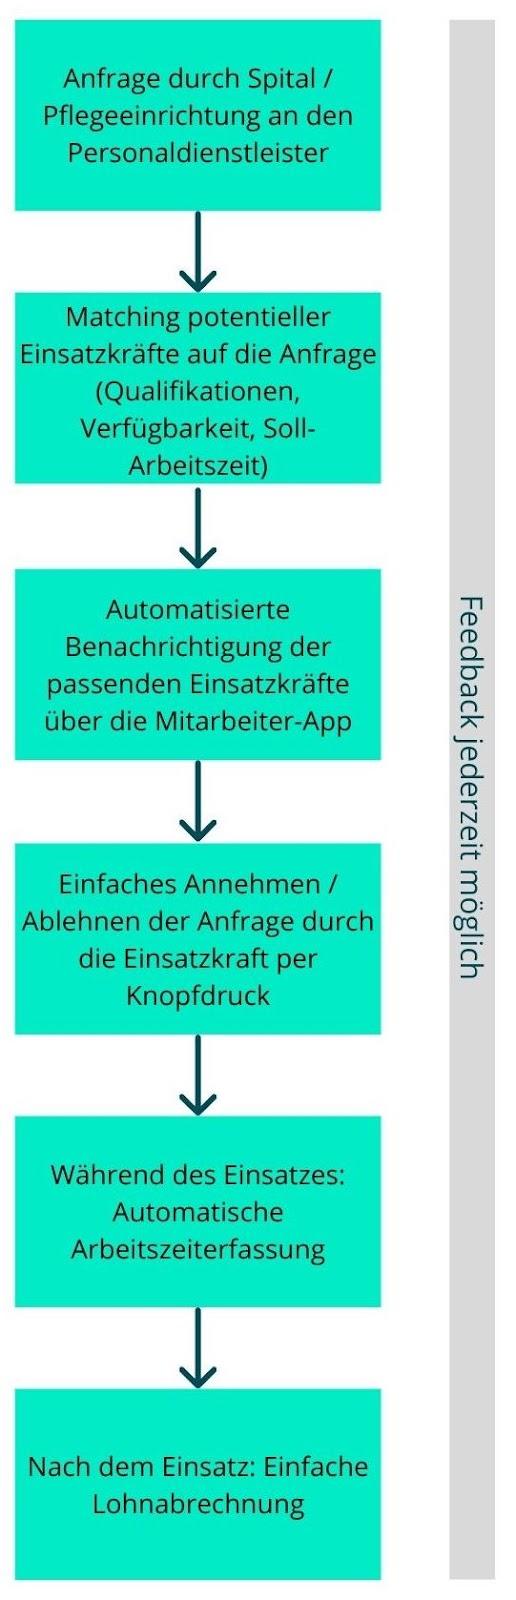 Mitarbeiterkommunikation Workflow